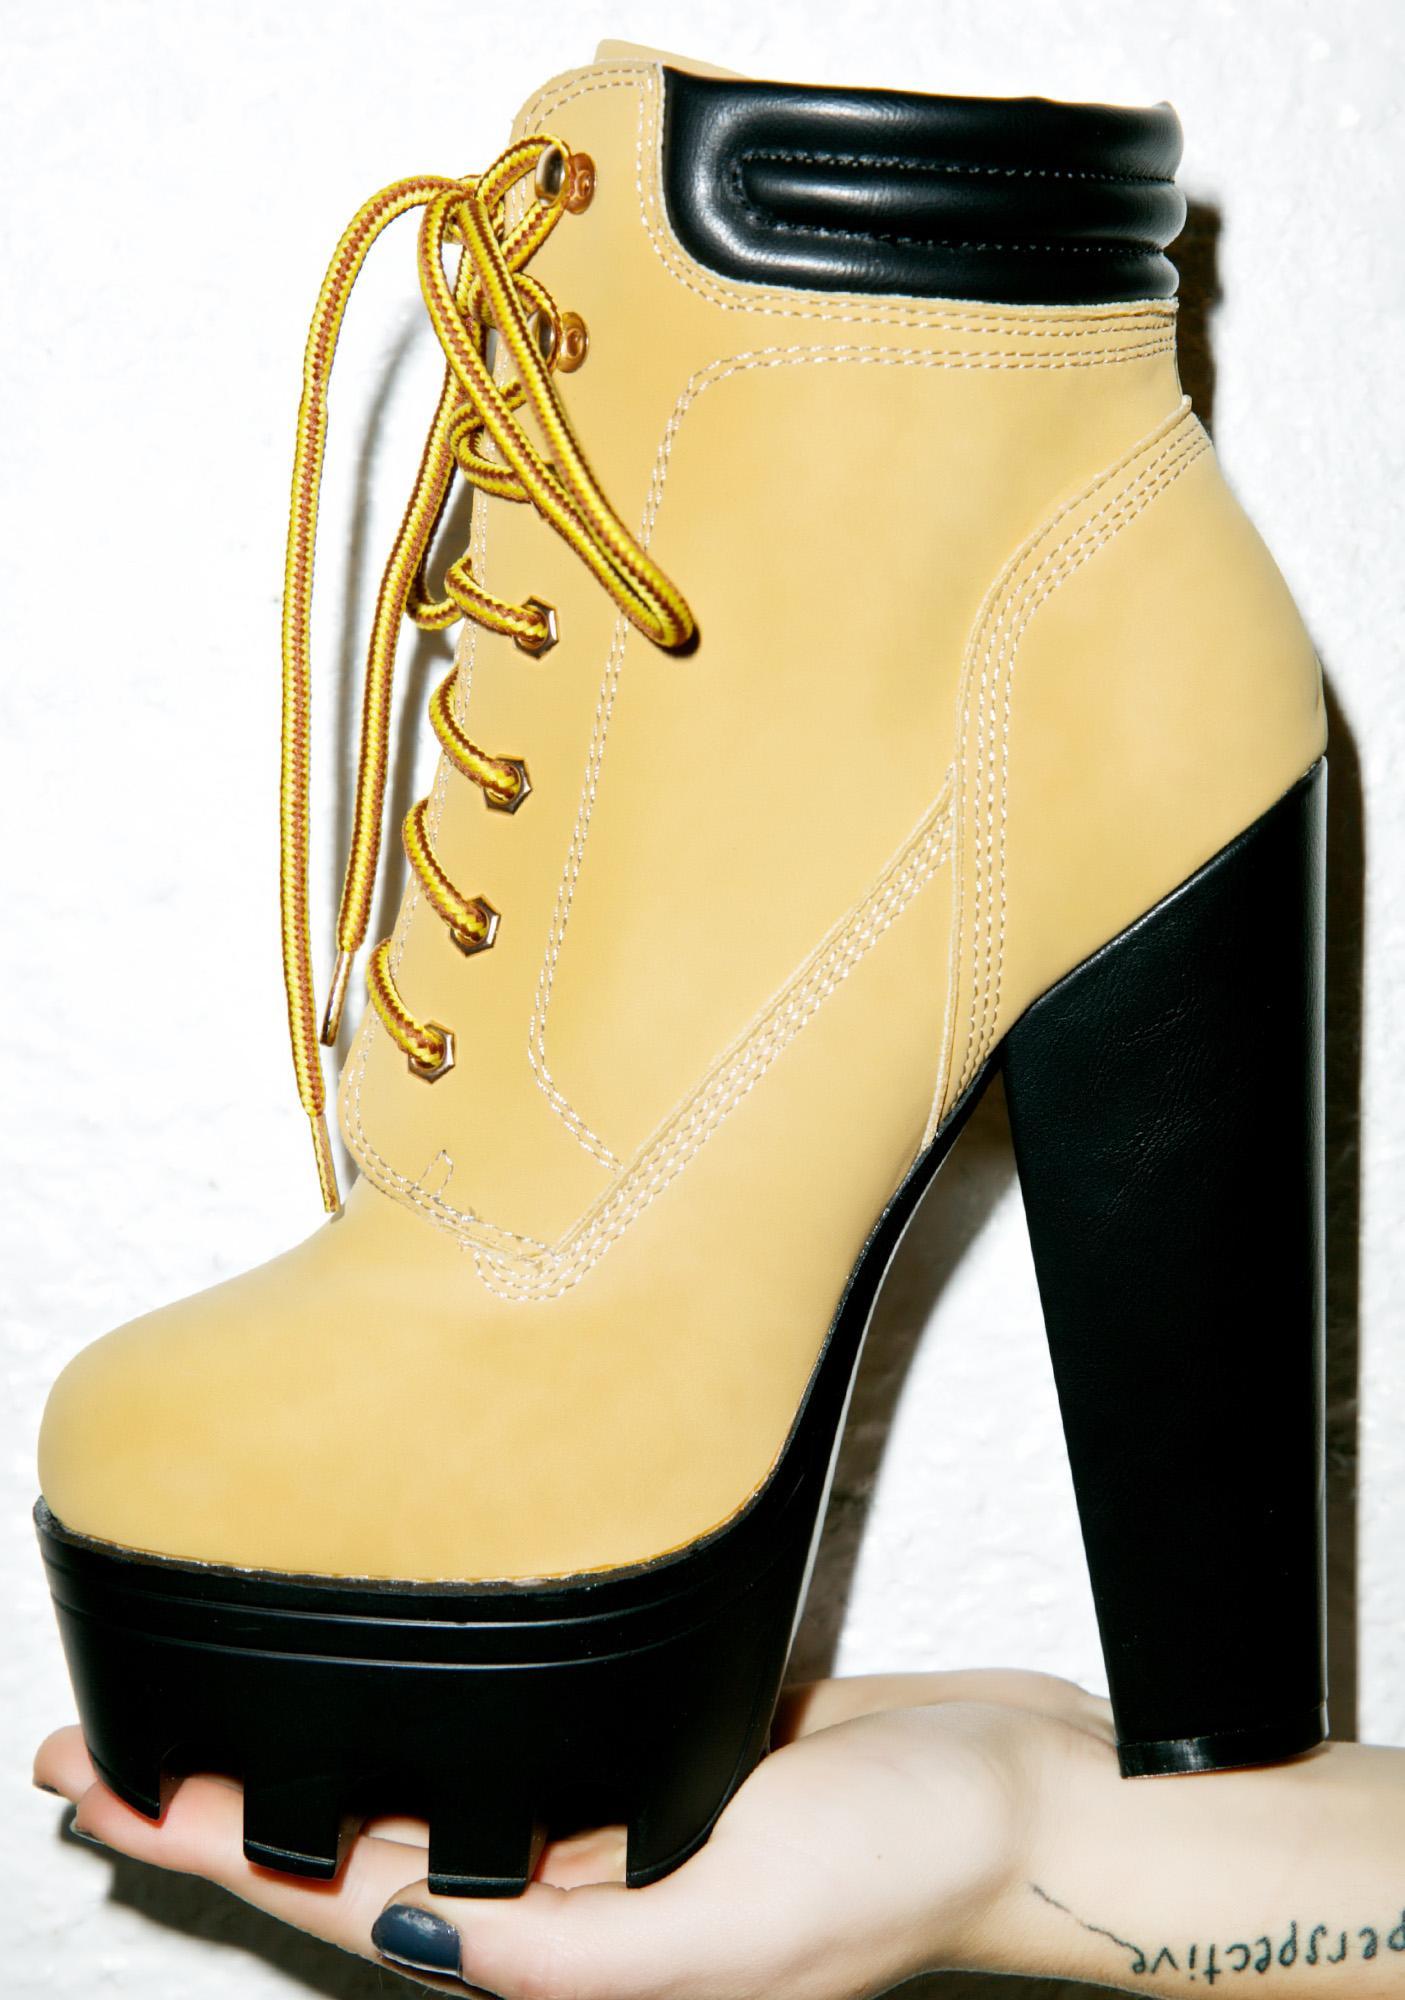 Vive Honeybee Boots